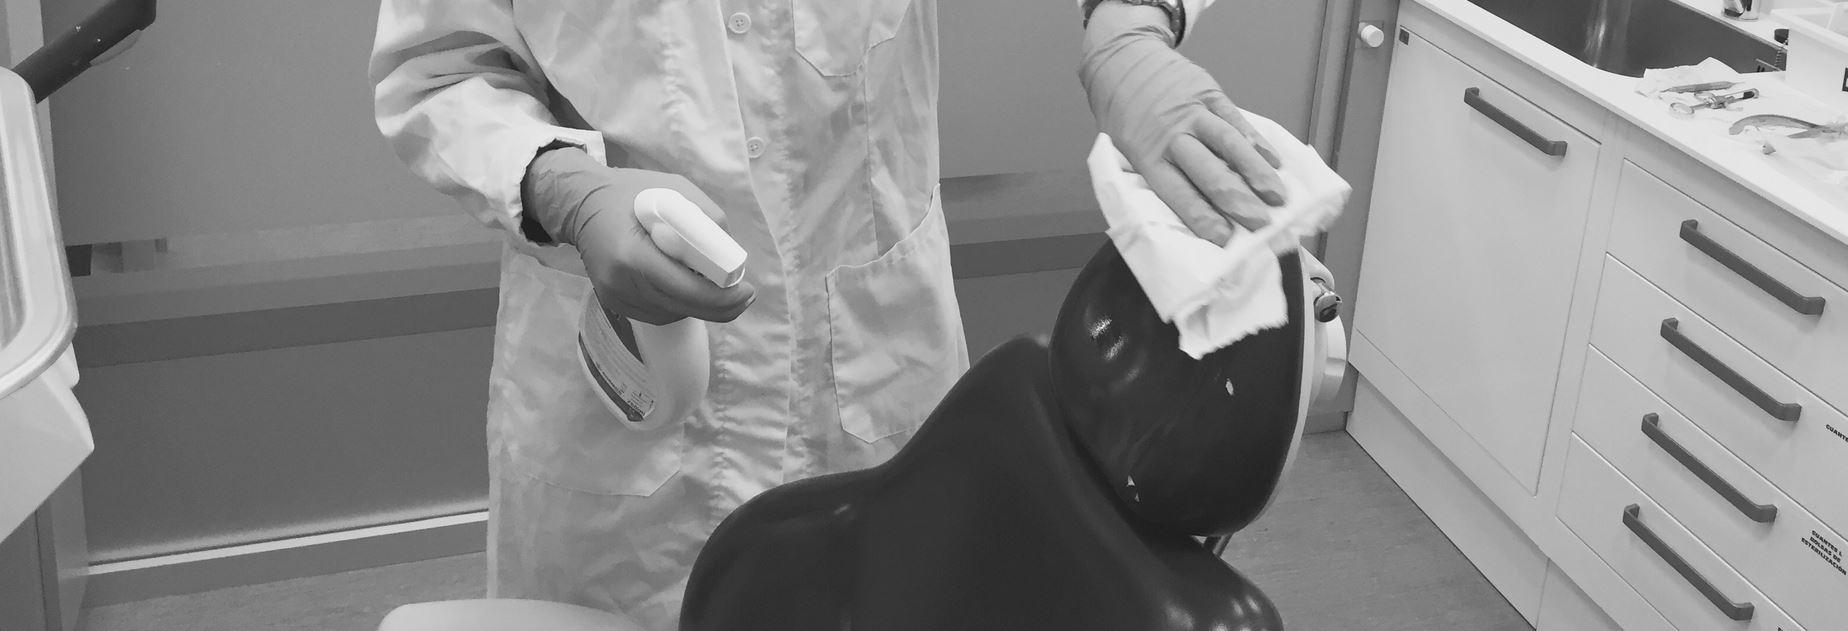 sanificazione ambienti dentista